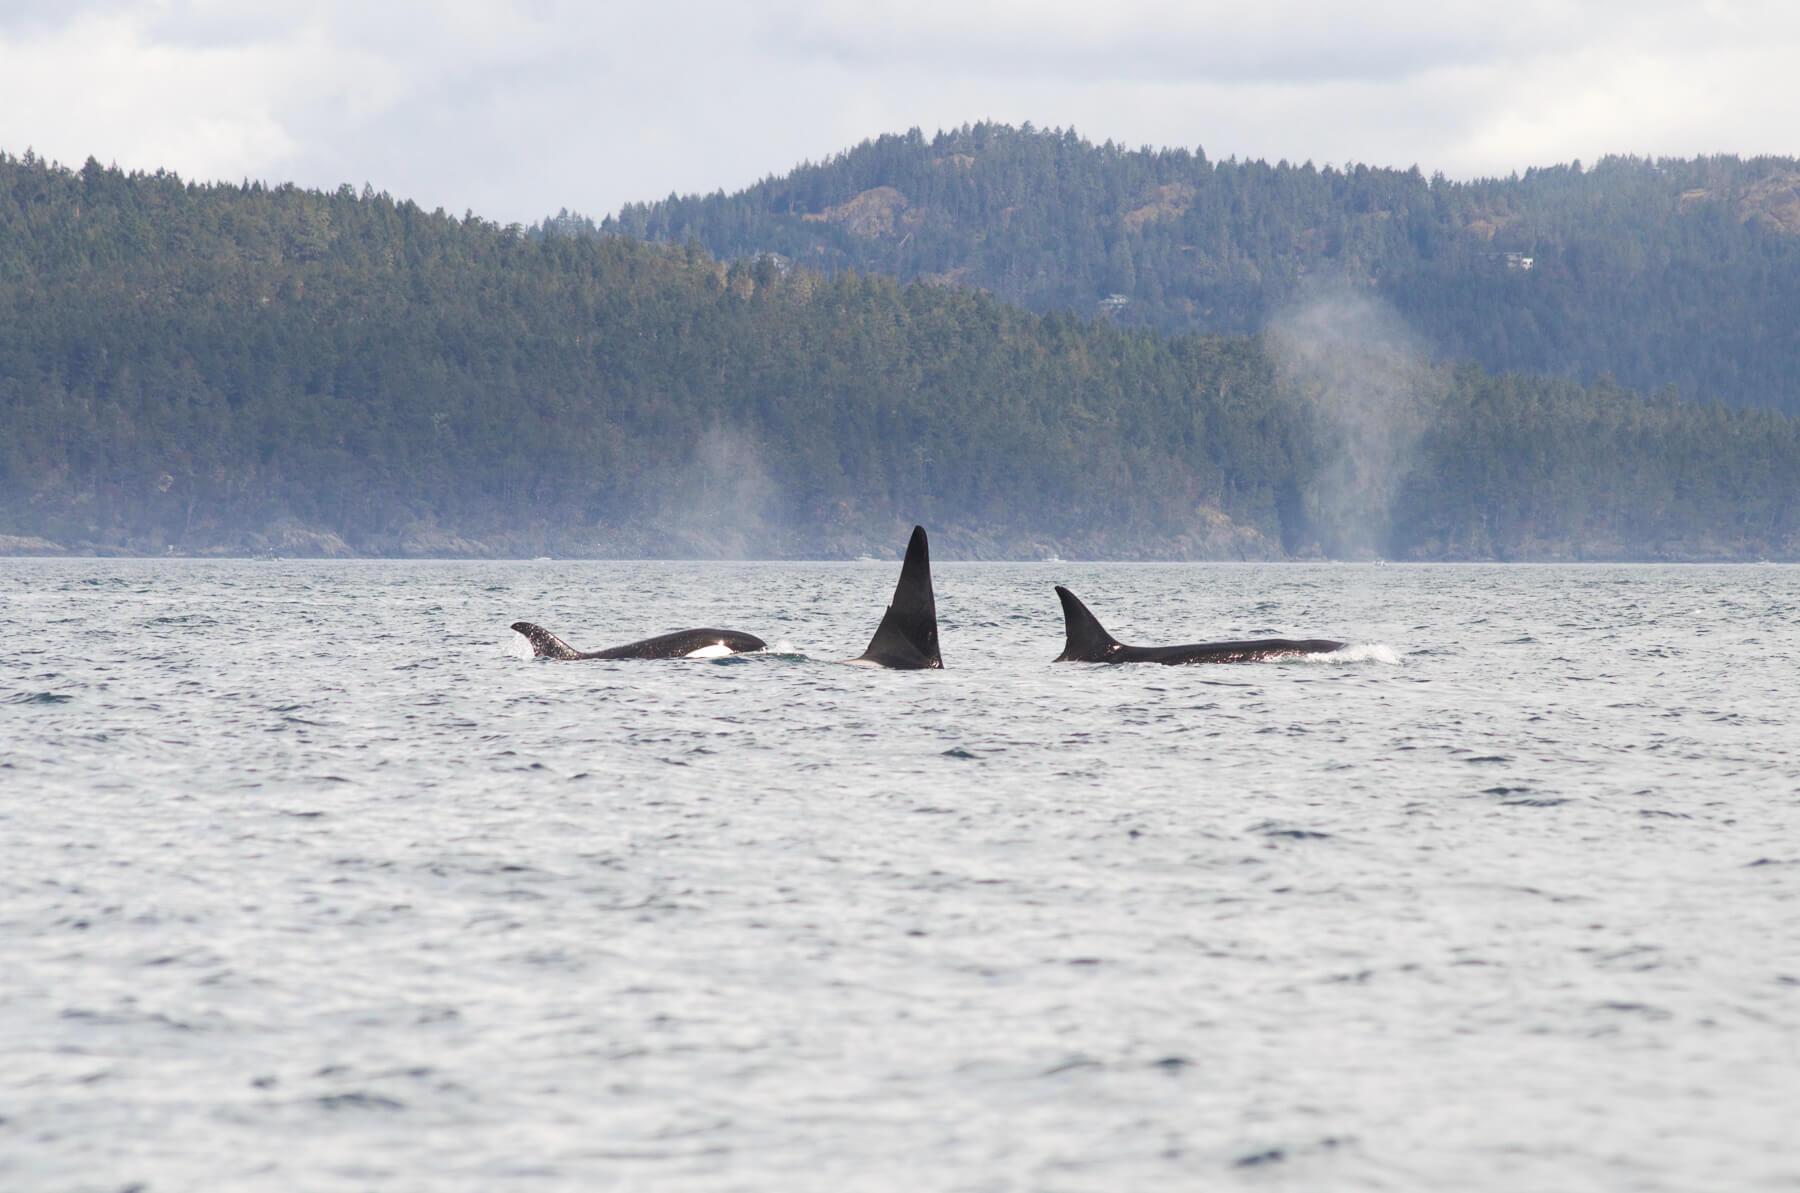 3 killer whales in ocean